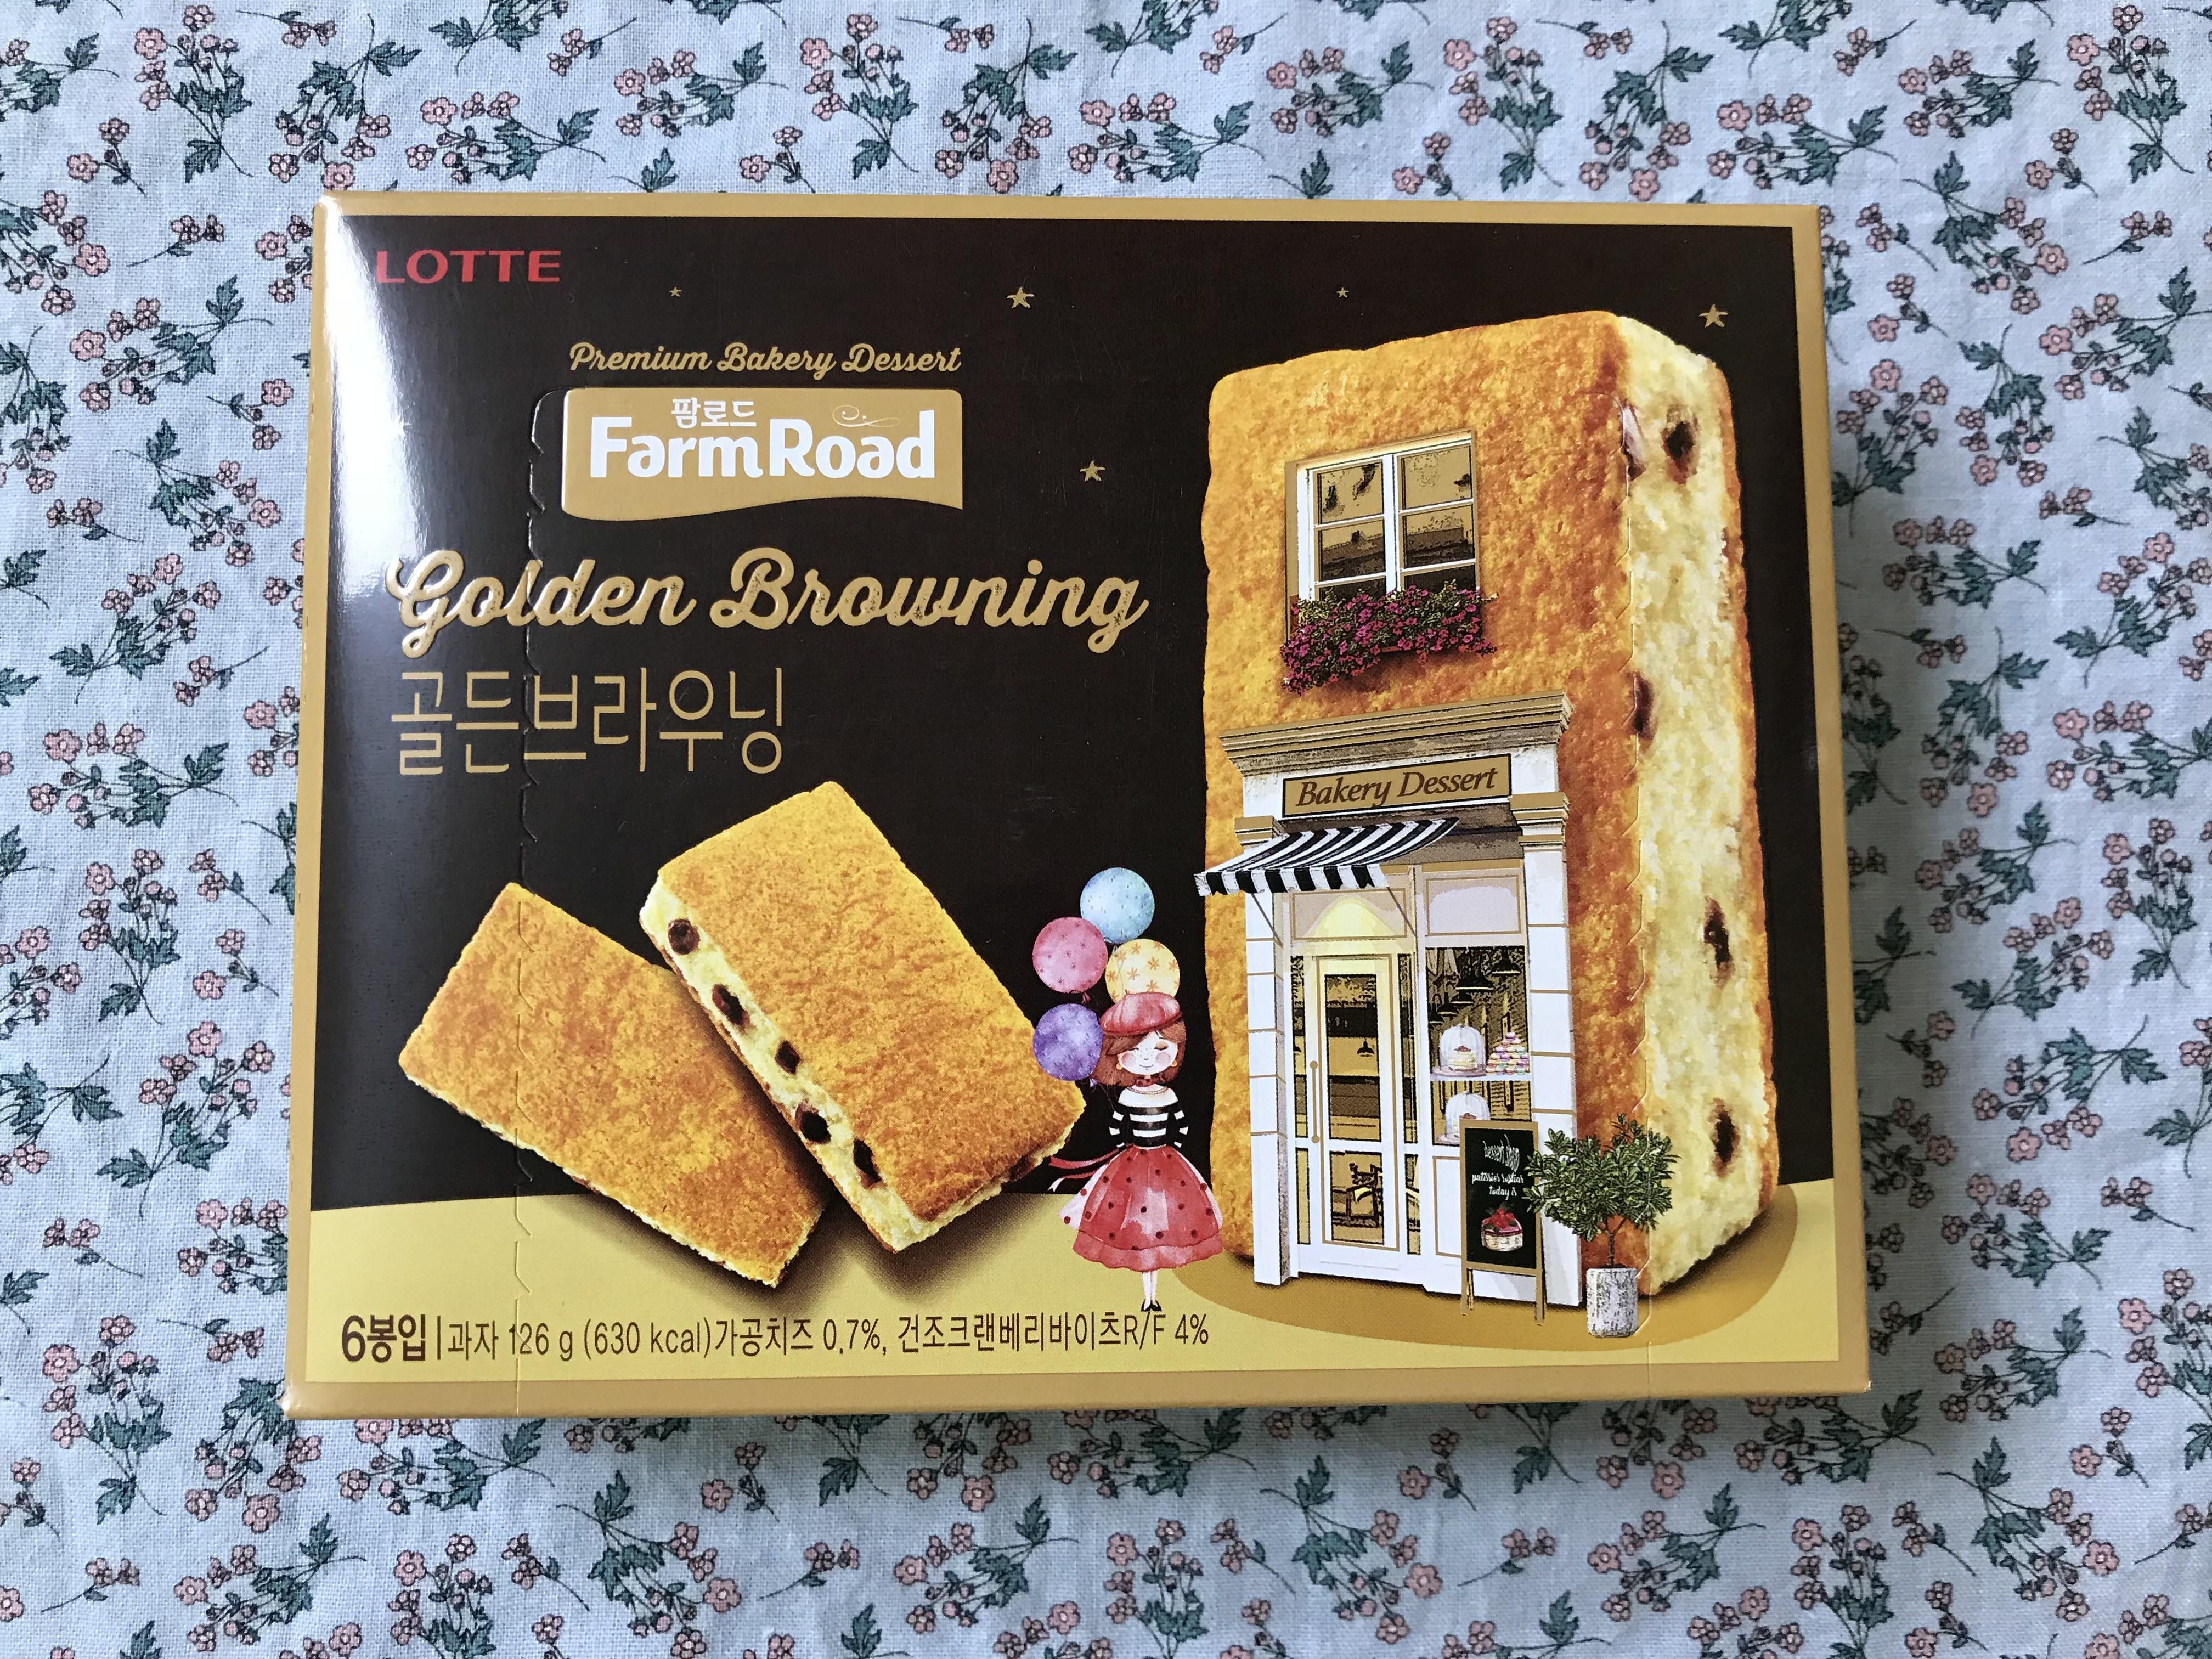 치즈맛 브라우니?! [LOTTE]팜로드 골든 브라우닝